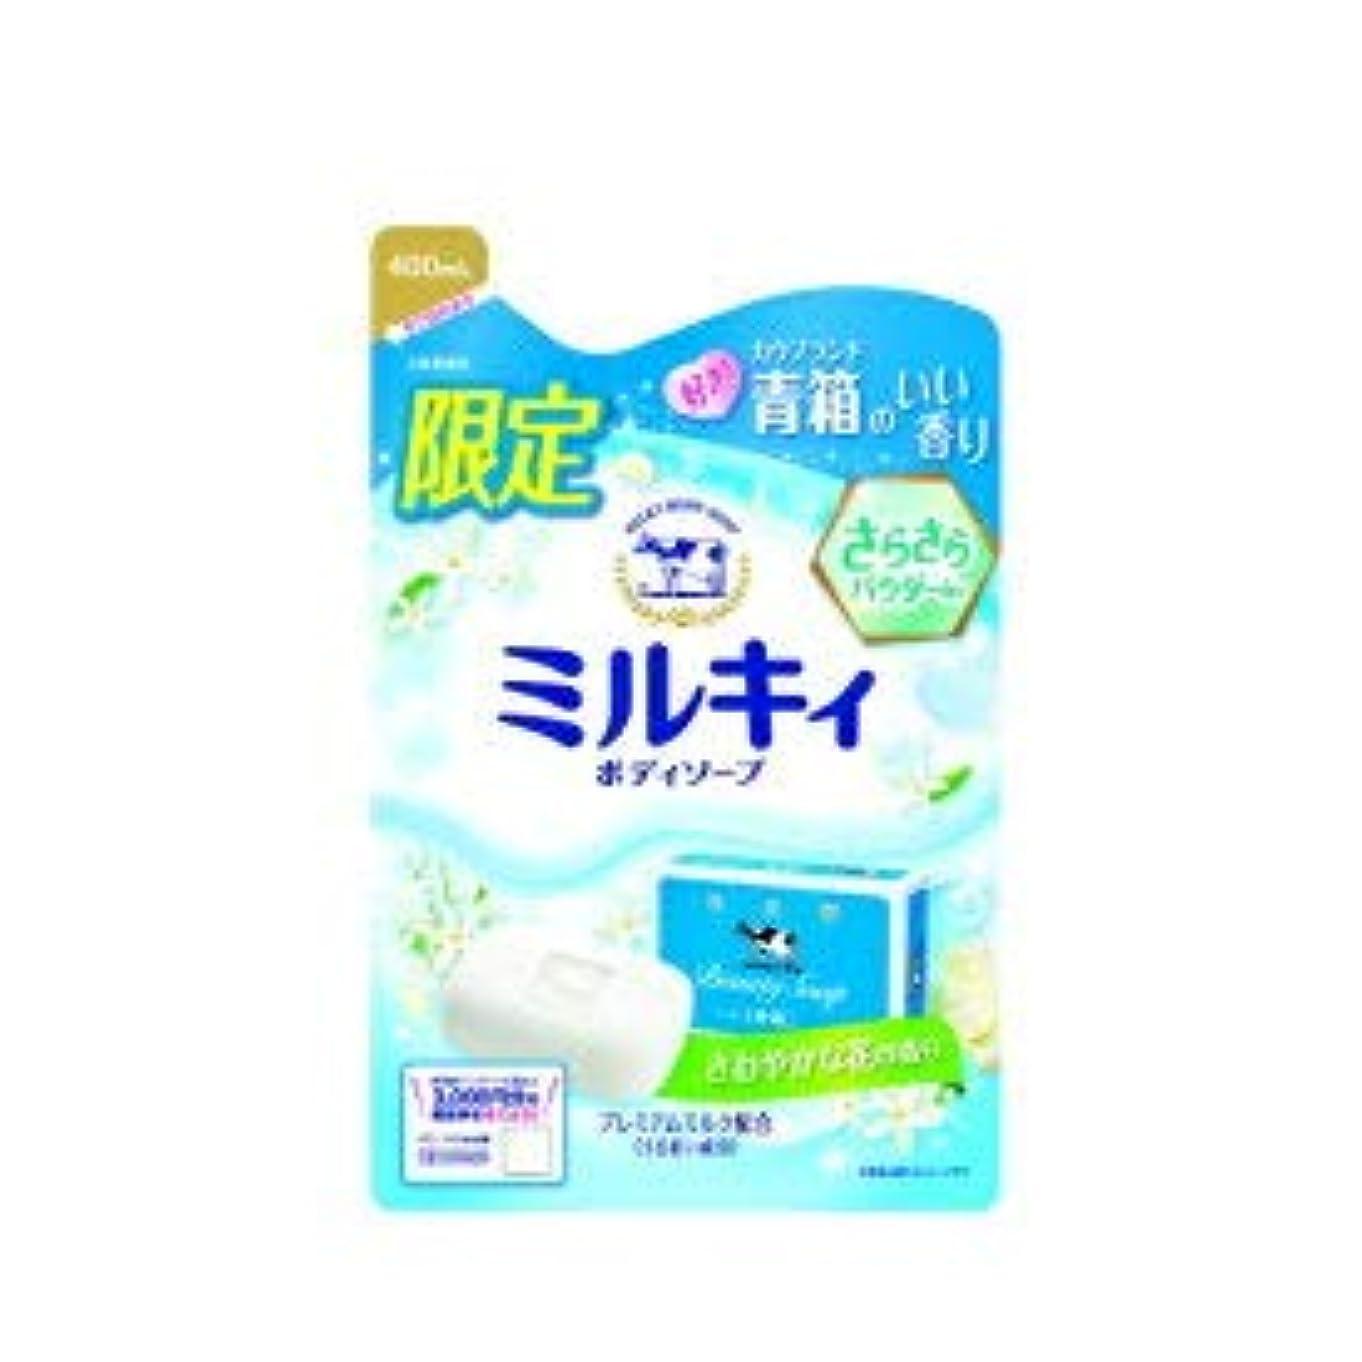 シェア脅迫胆嚢【限定】ミルキィボディソープ 青箱の香り 詰替 400ml